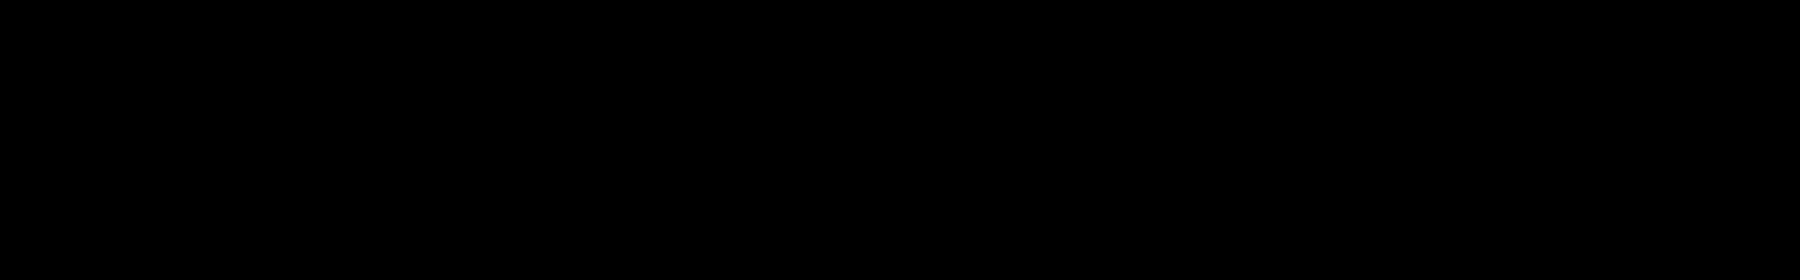 Abstract EDM MIDI Loops audio waveform